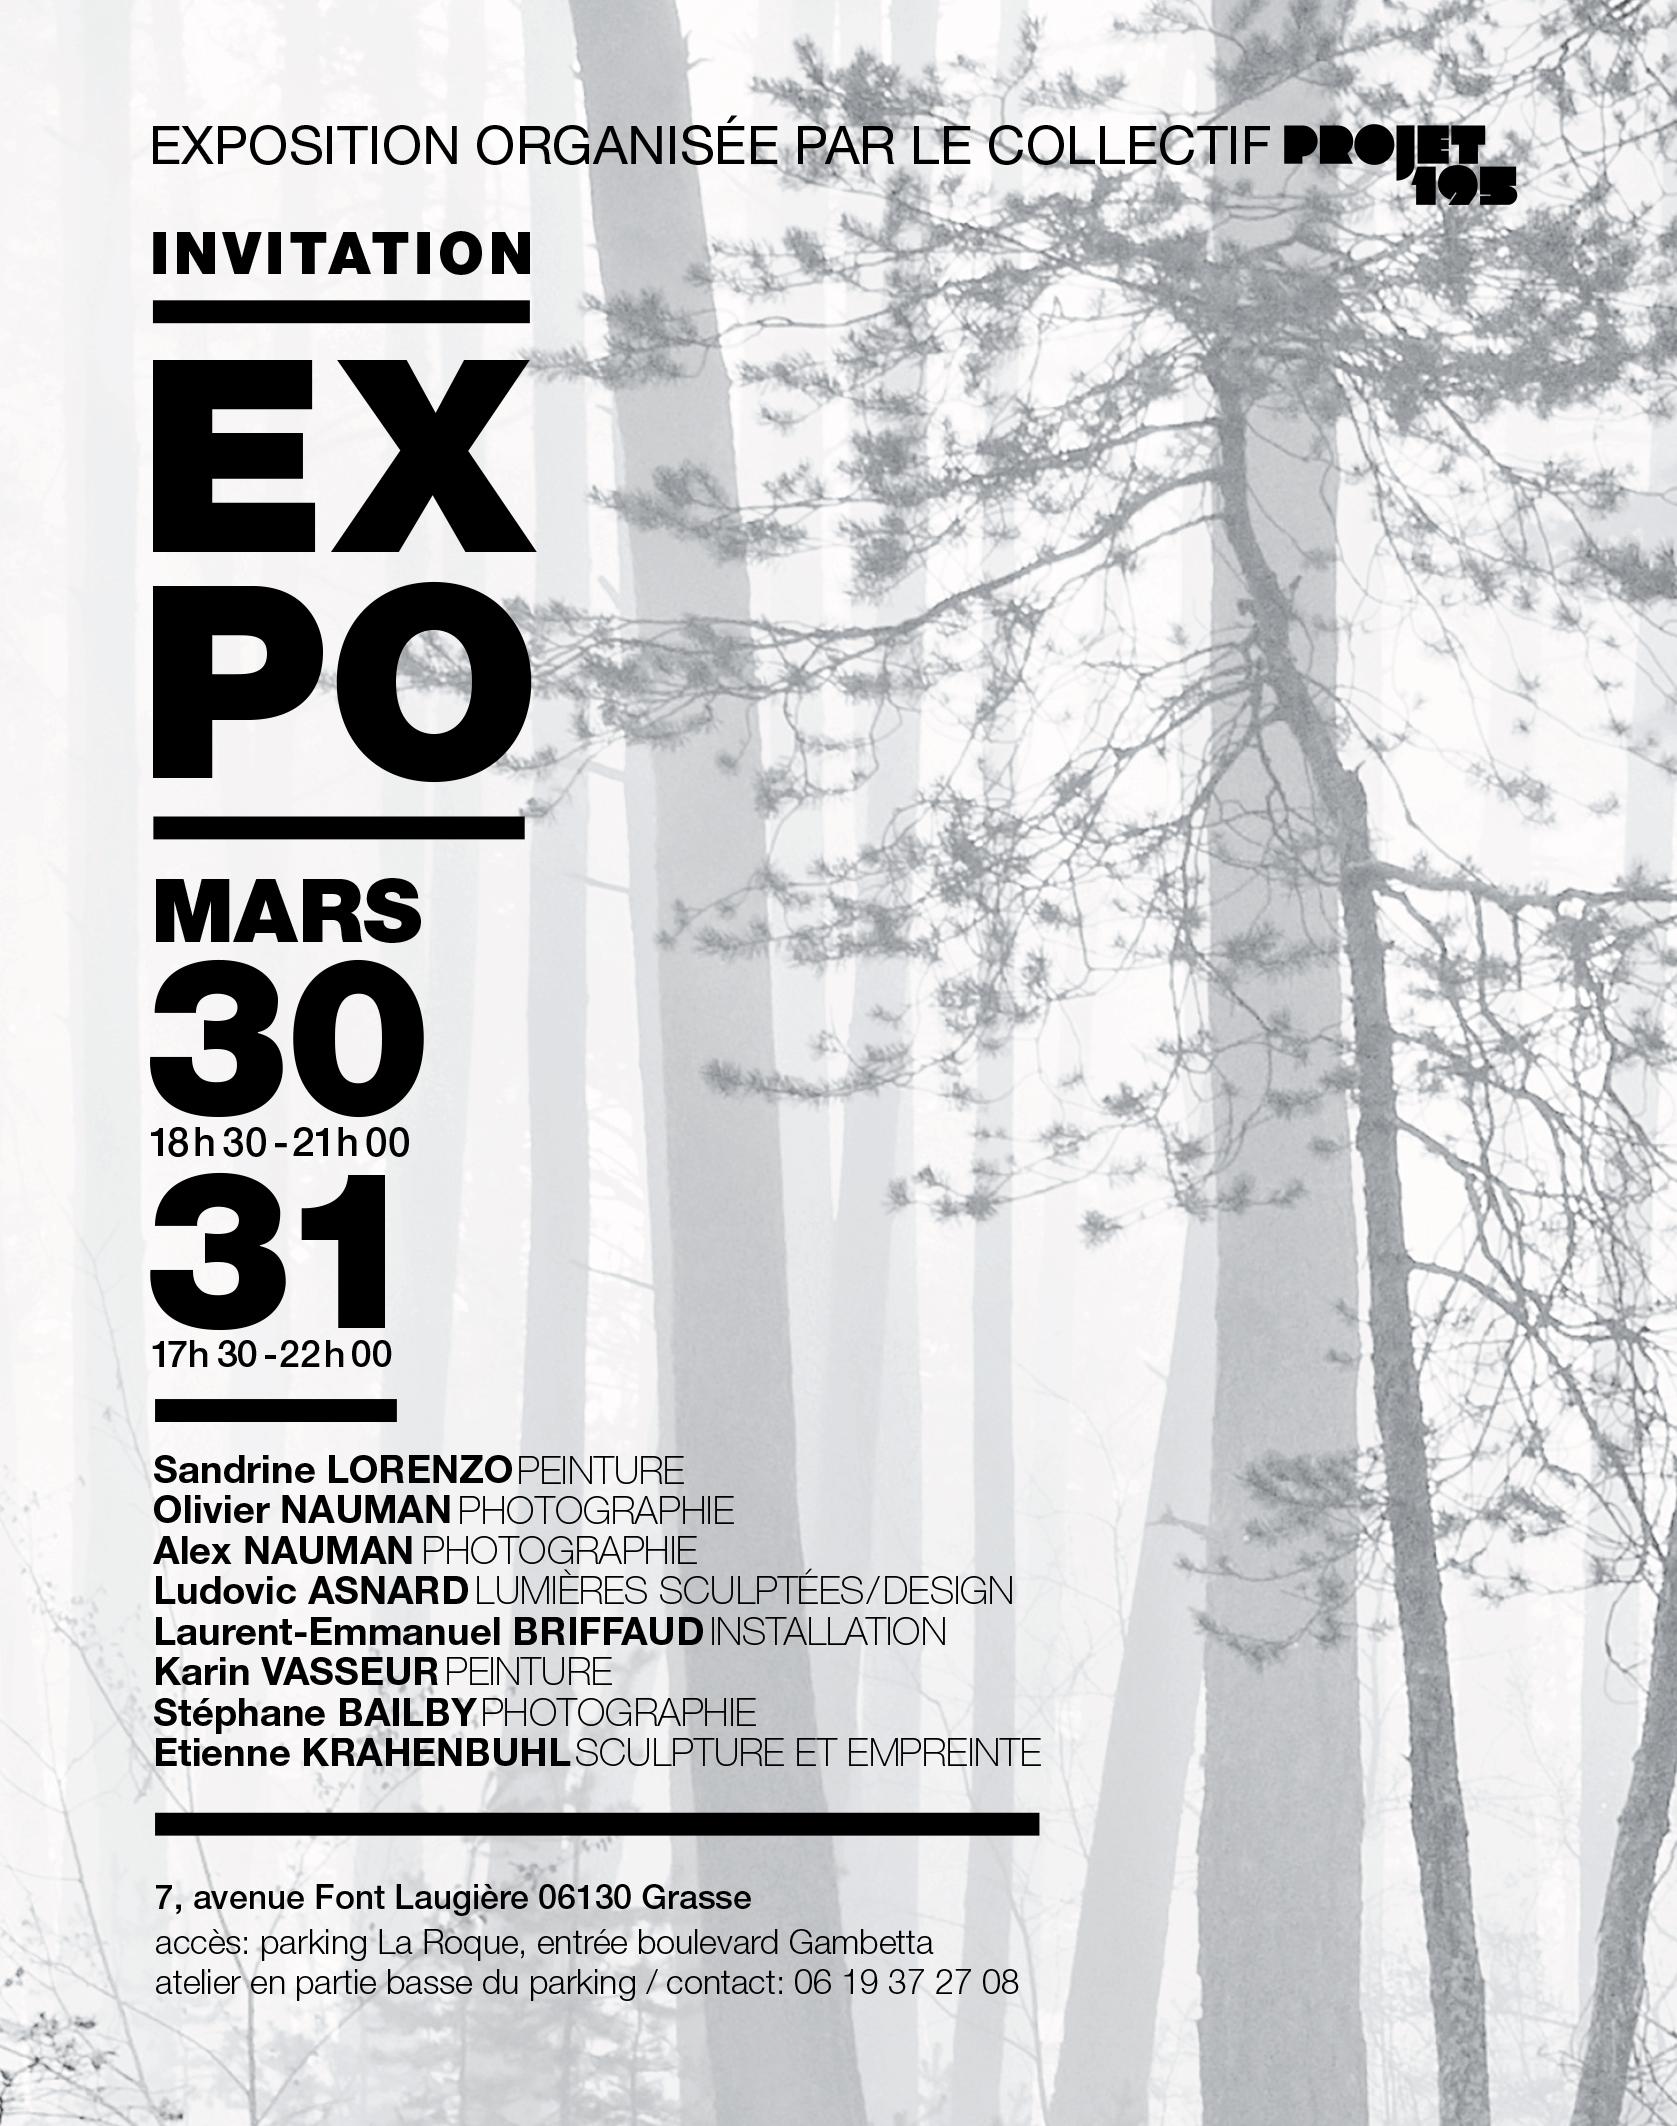 carton invitation_p 195_grasse 2017